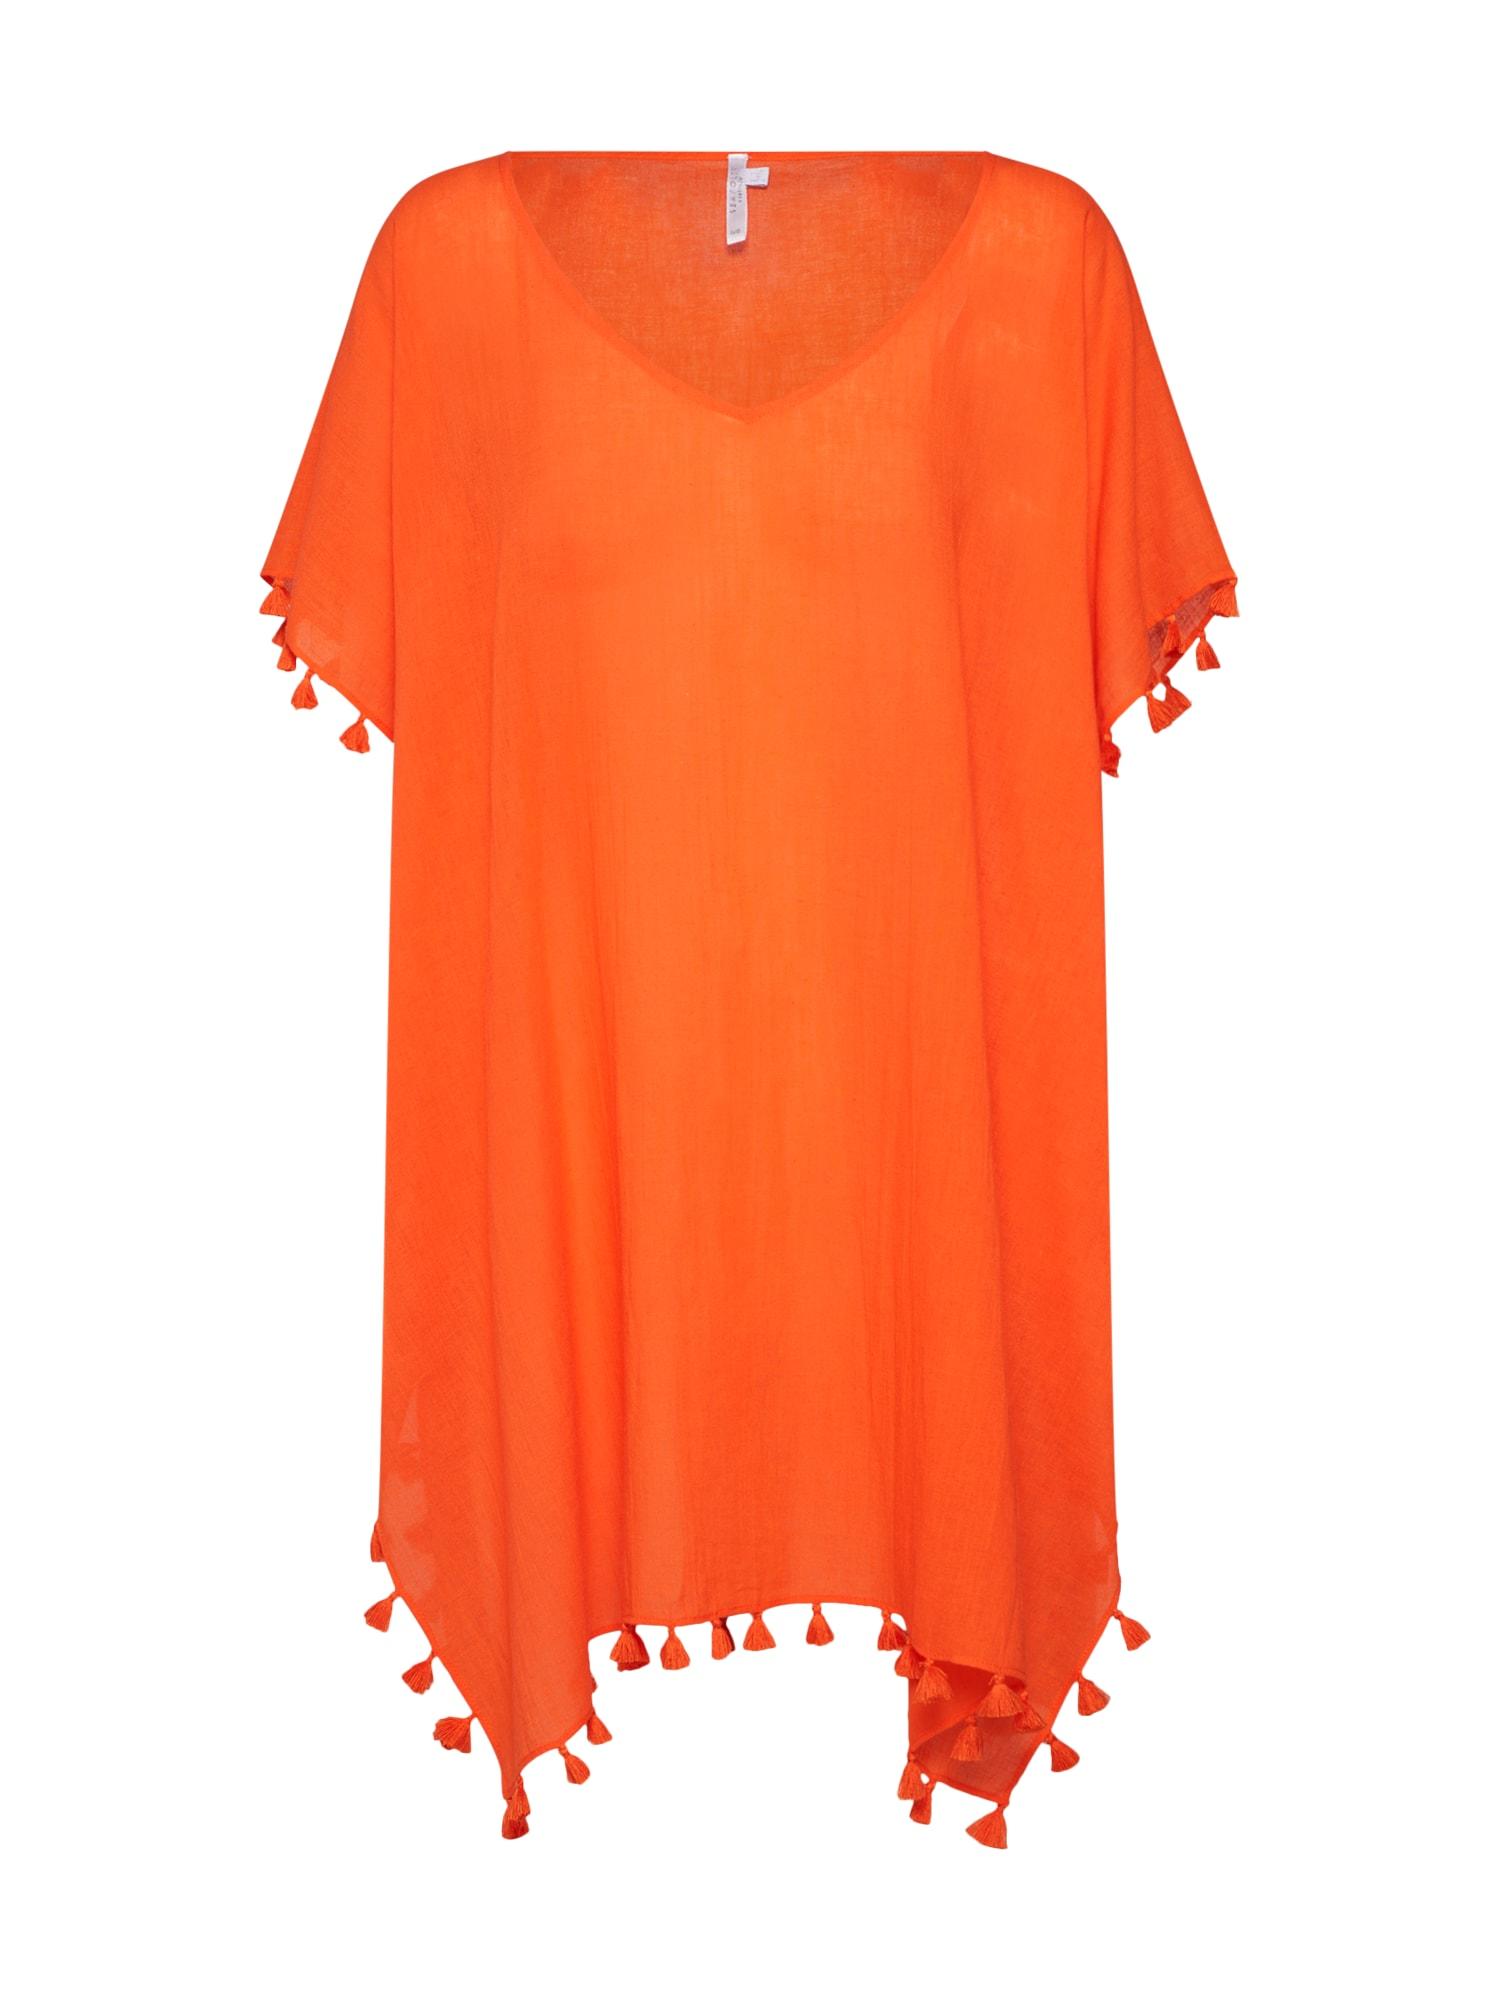 Letní šaty Amnesia oranžová Seafolly